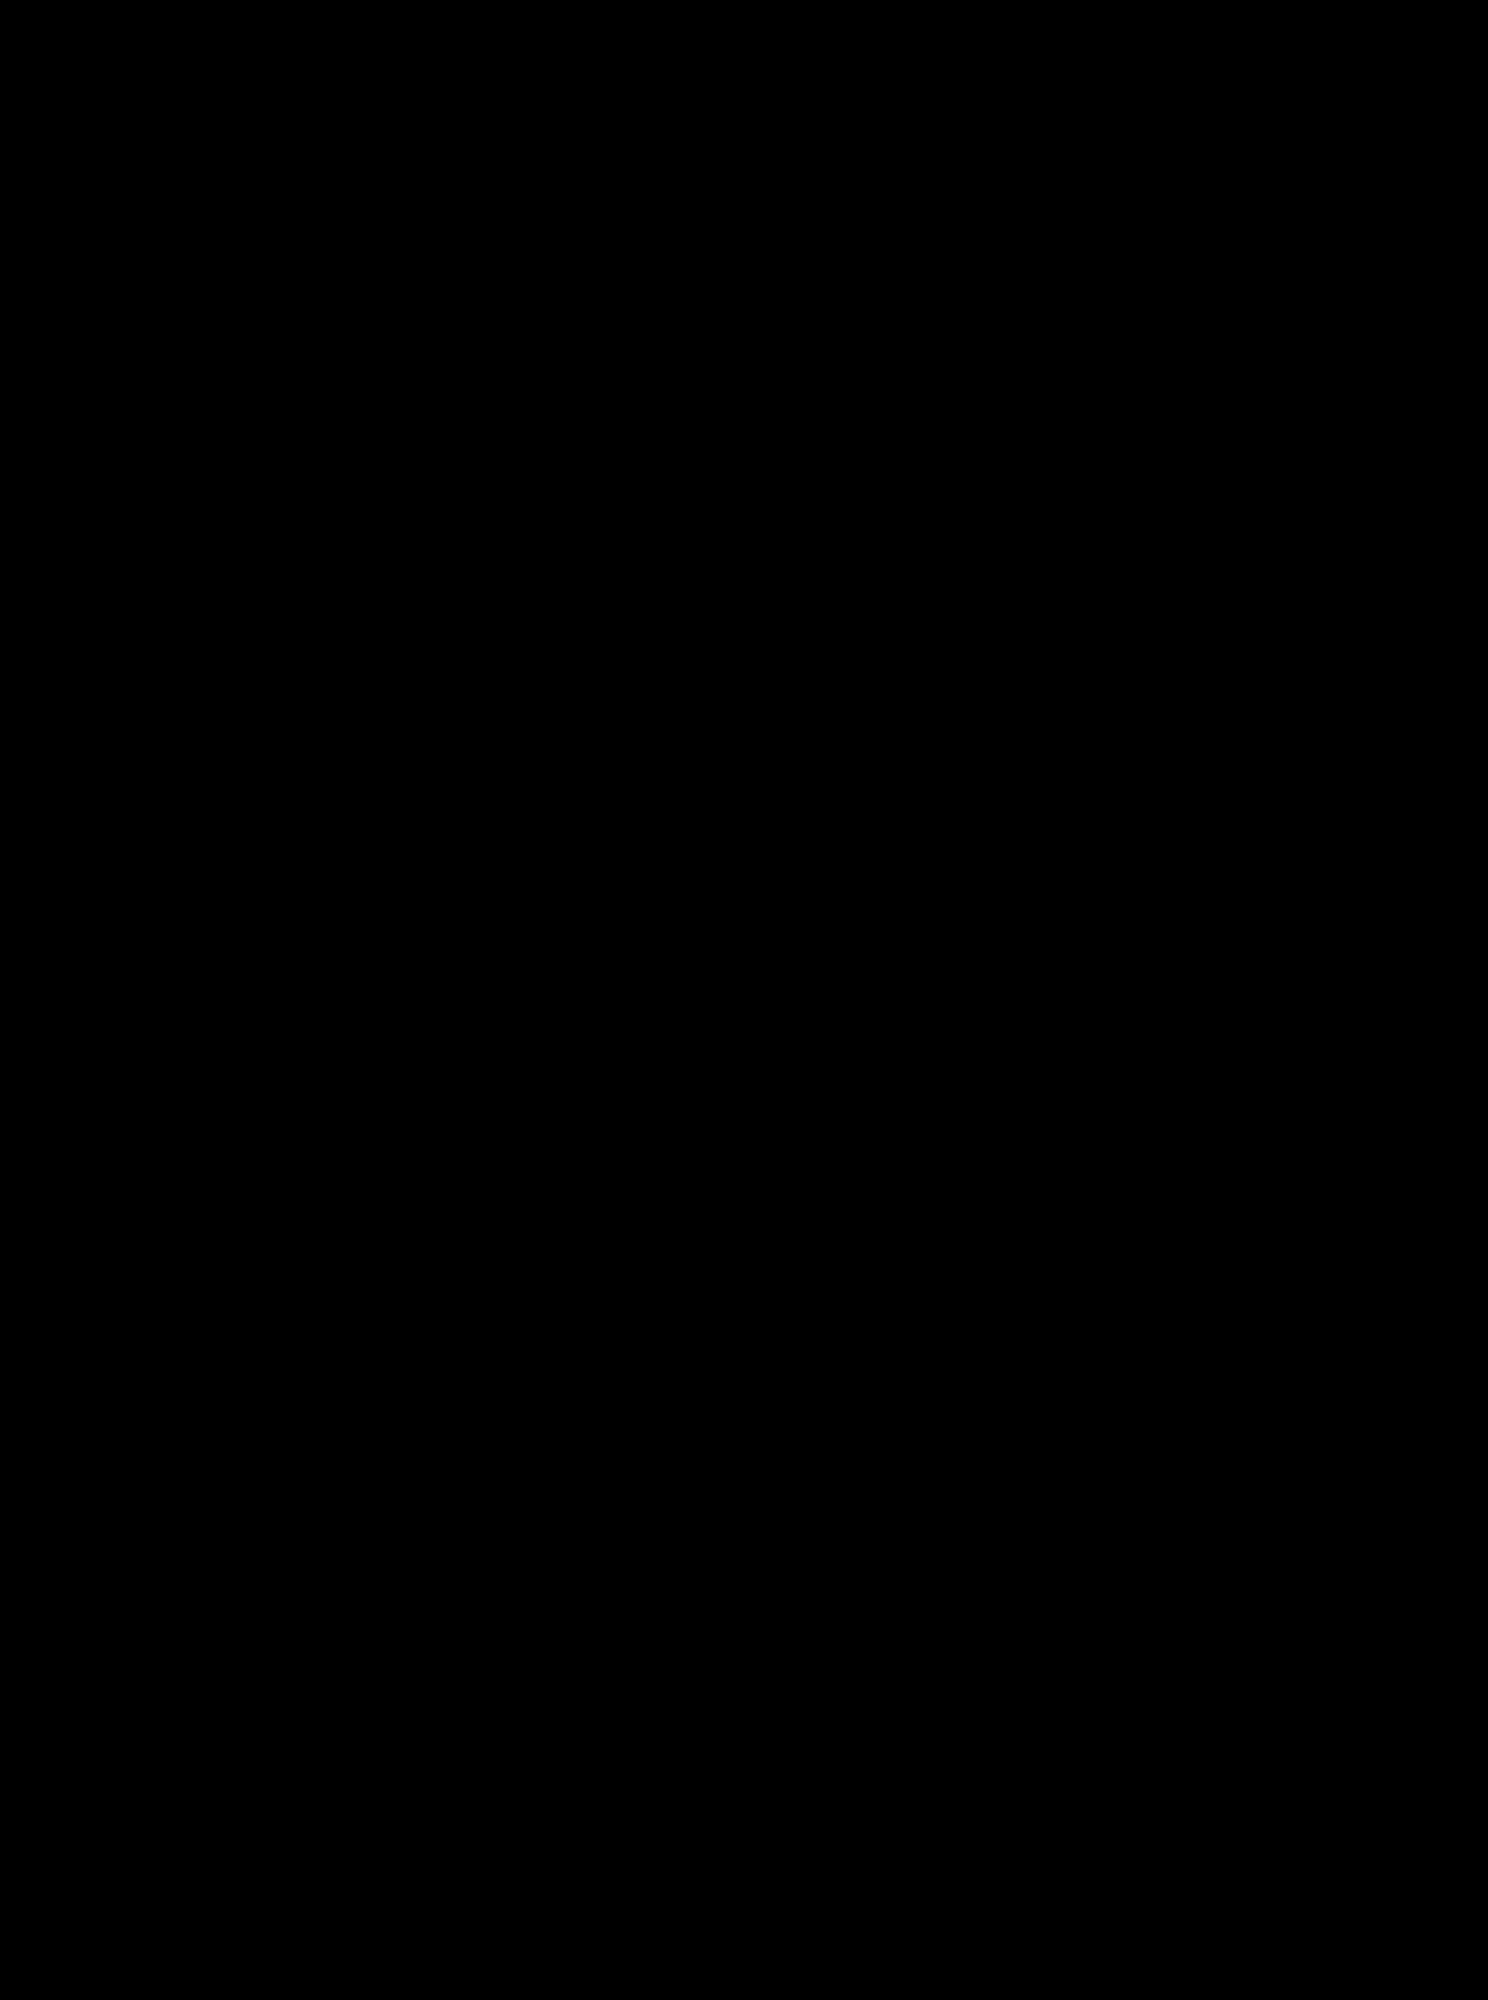 Team-logo-black.png